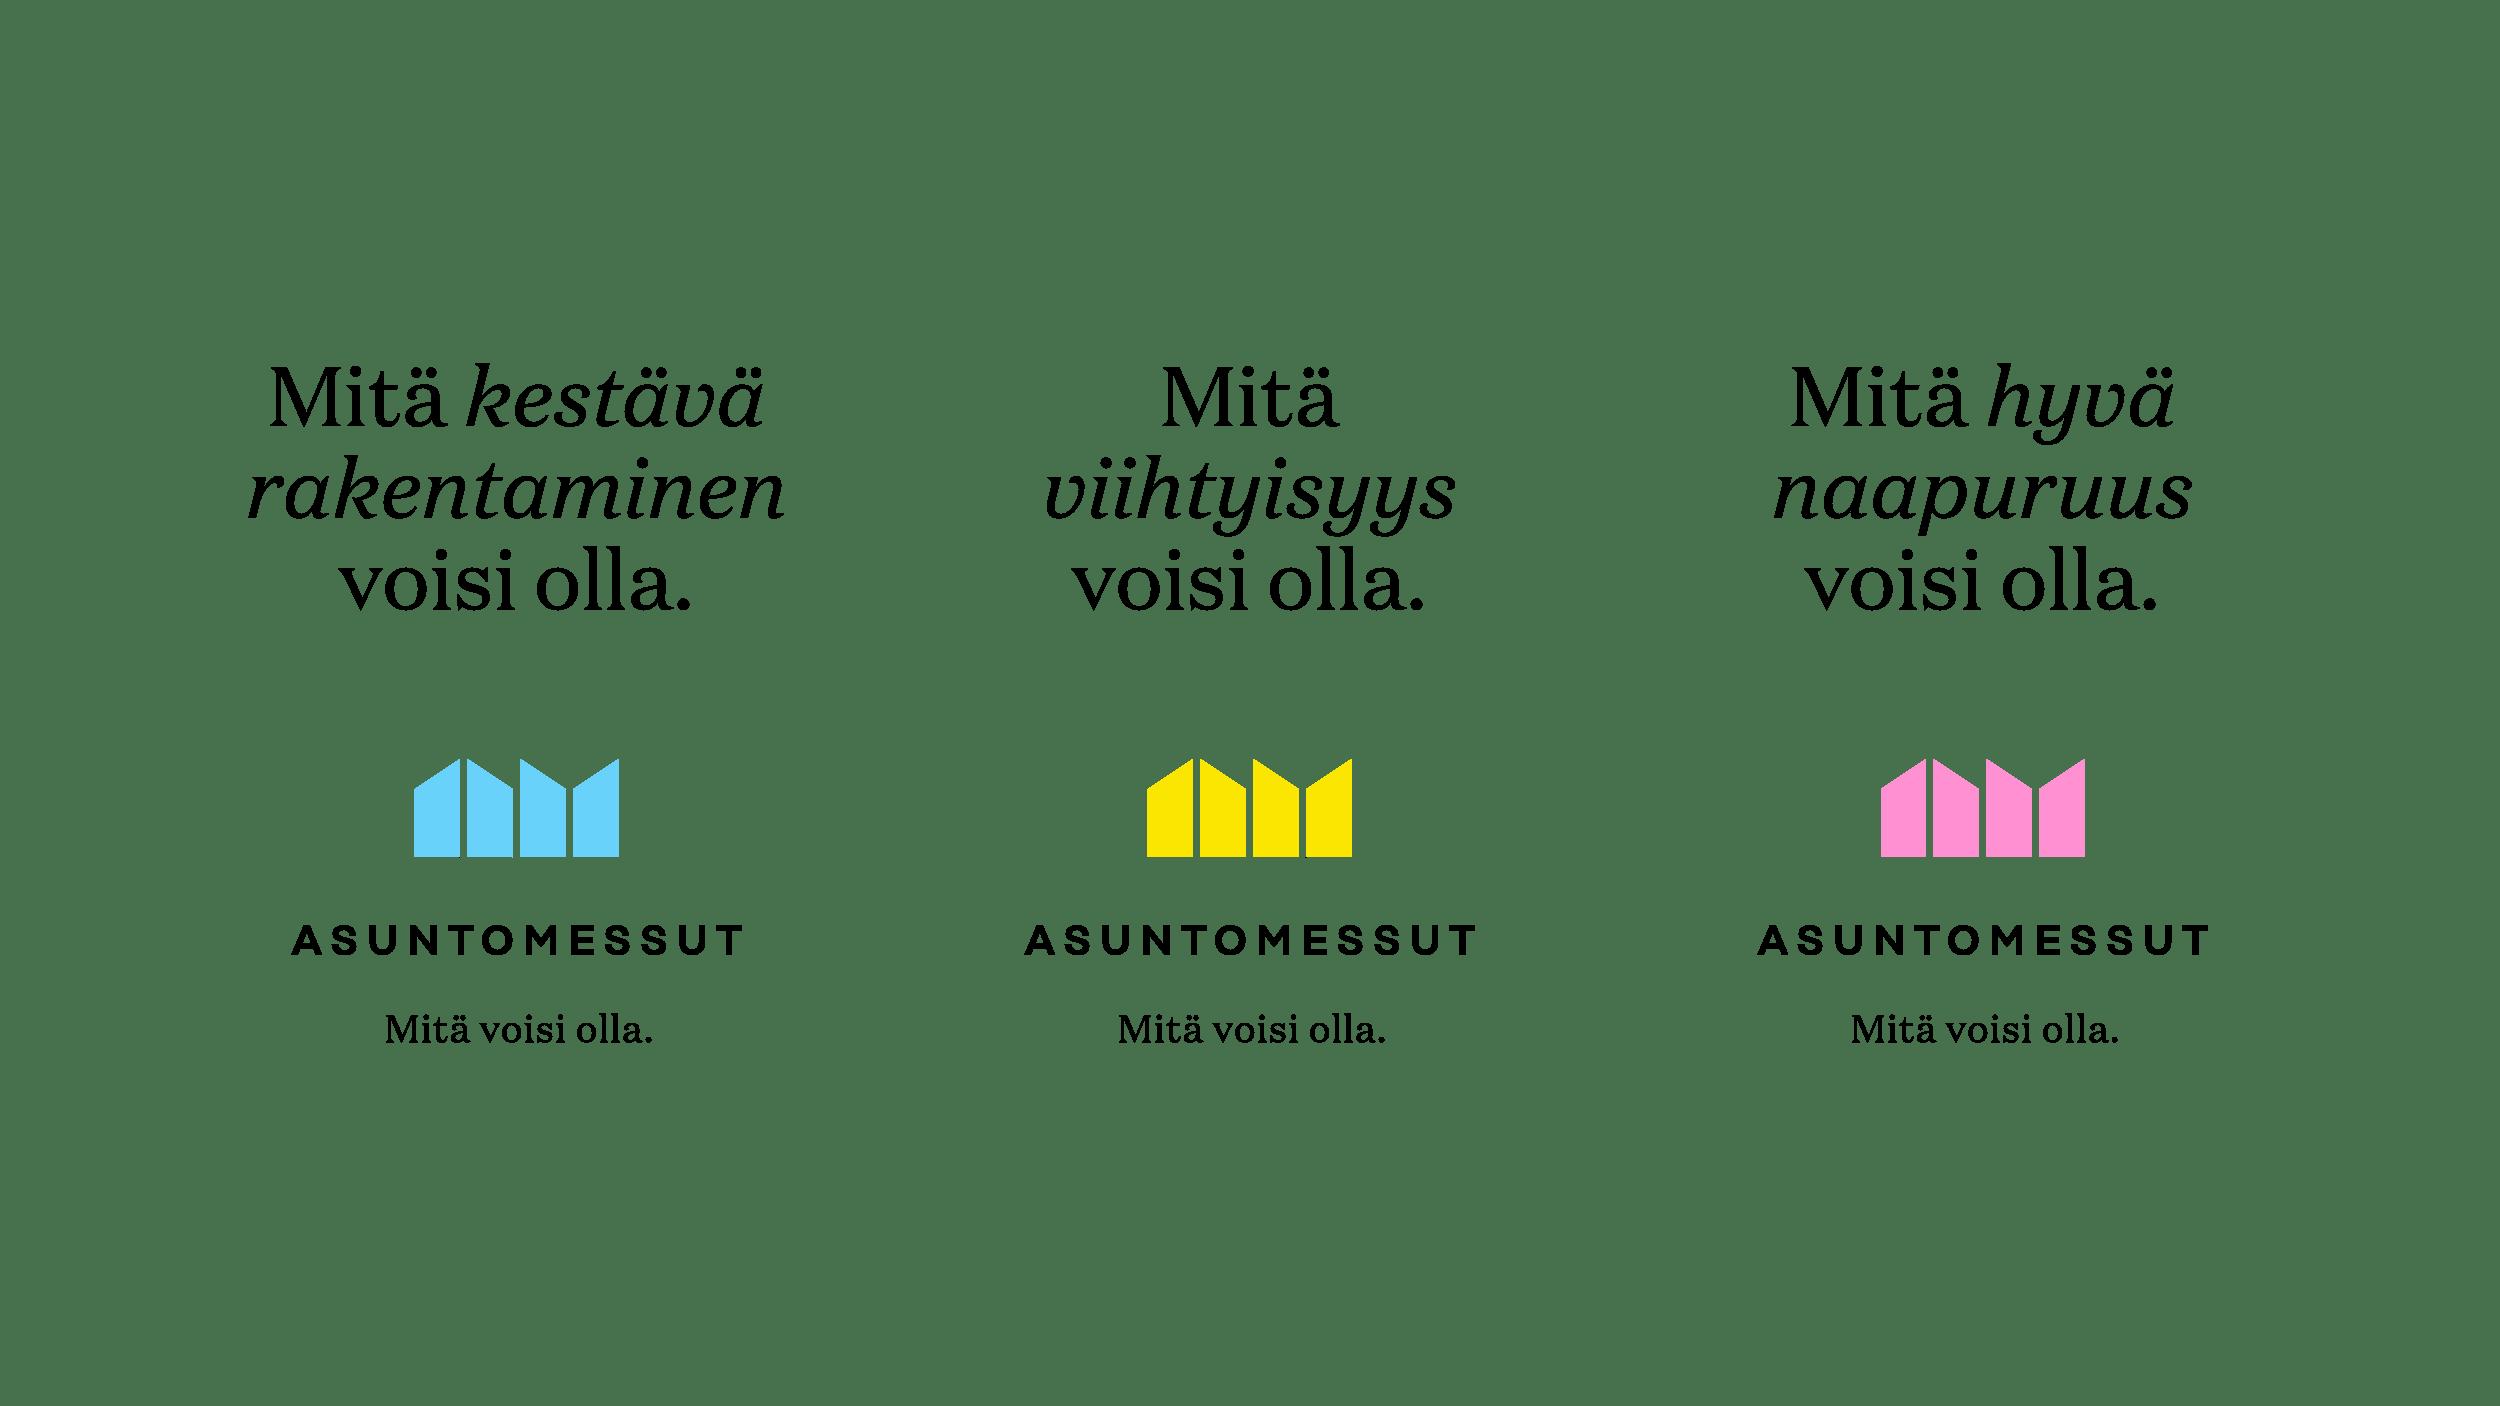 Asuntomessujen tunnus ja sloganin variaatioita